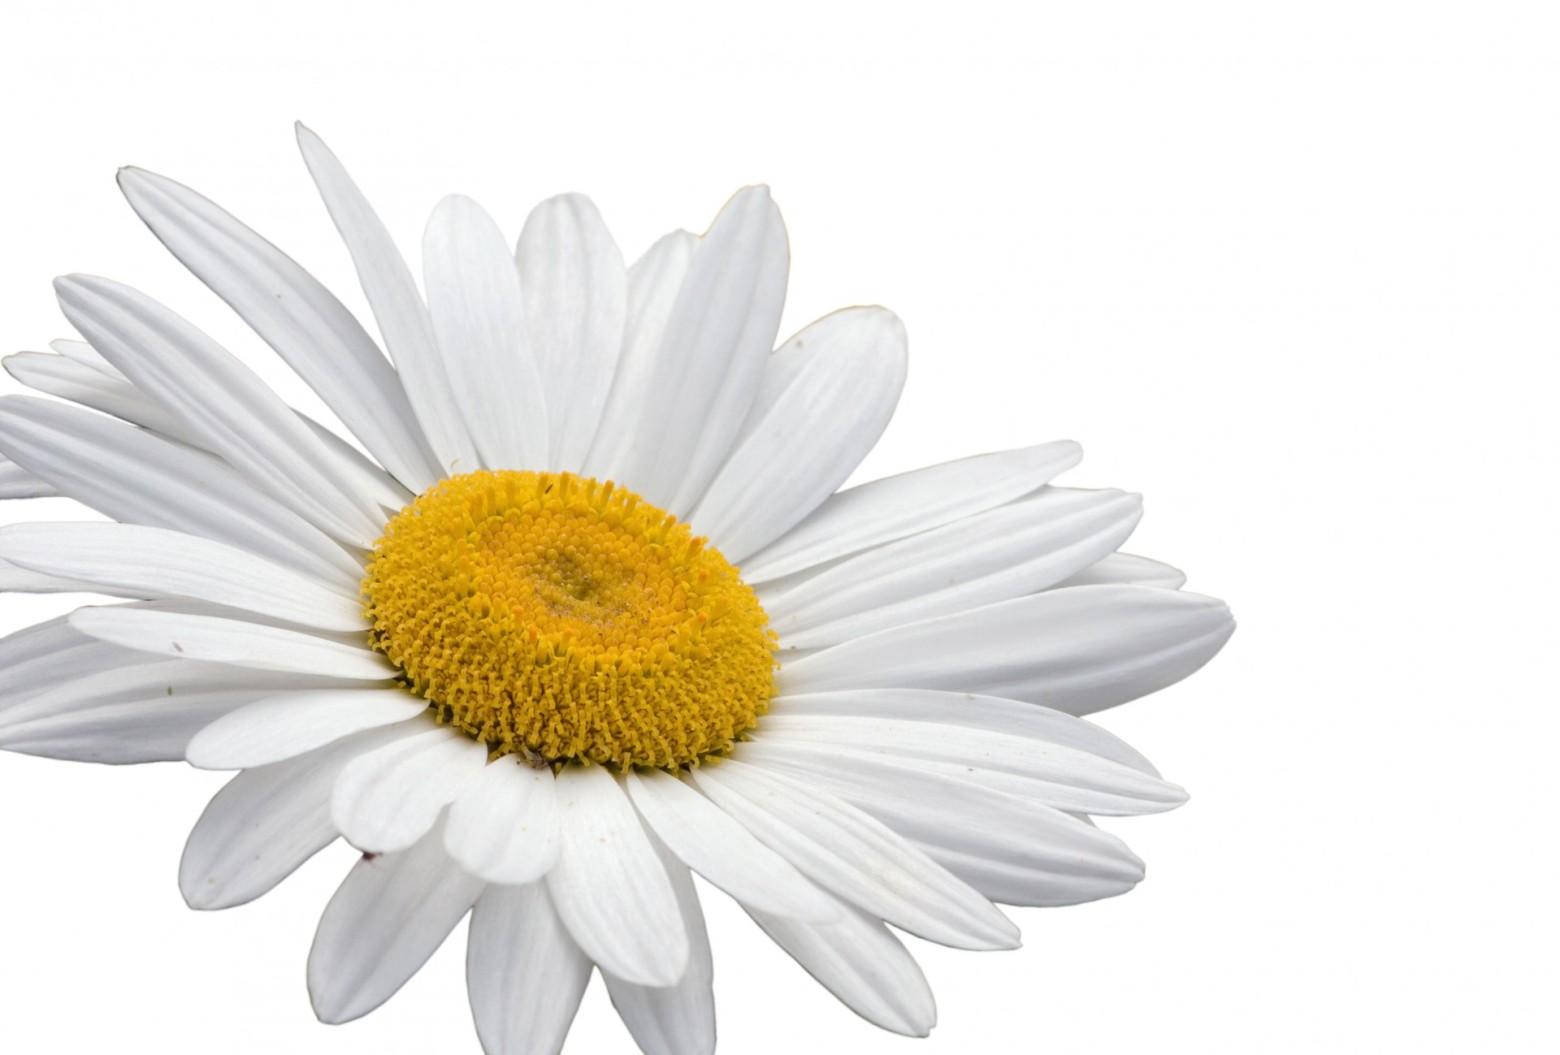 Fleur Marguerite Blanche Isole Sur Fond Blanc Images Gratuites Et